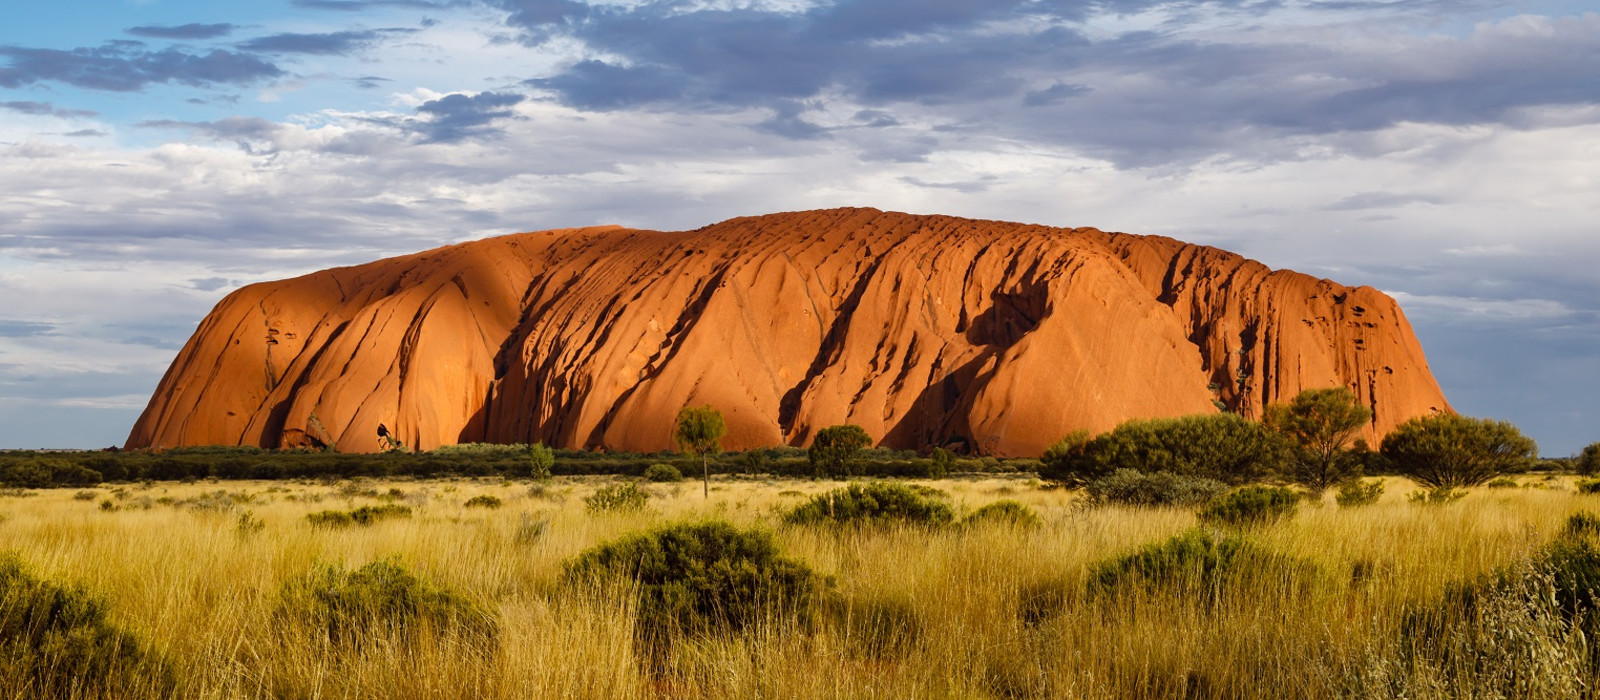 Australien für Selbstfahrer: Outback, Uluru & Great Barrier Reef Urlaub 1